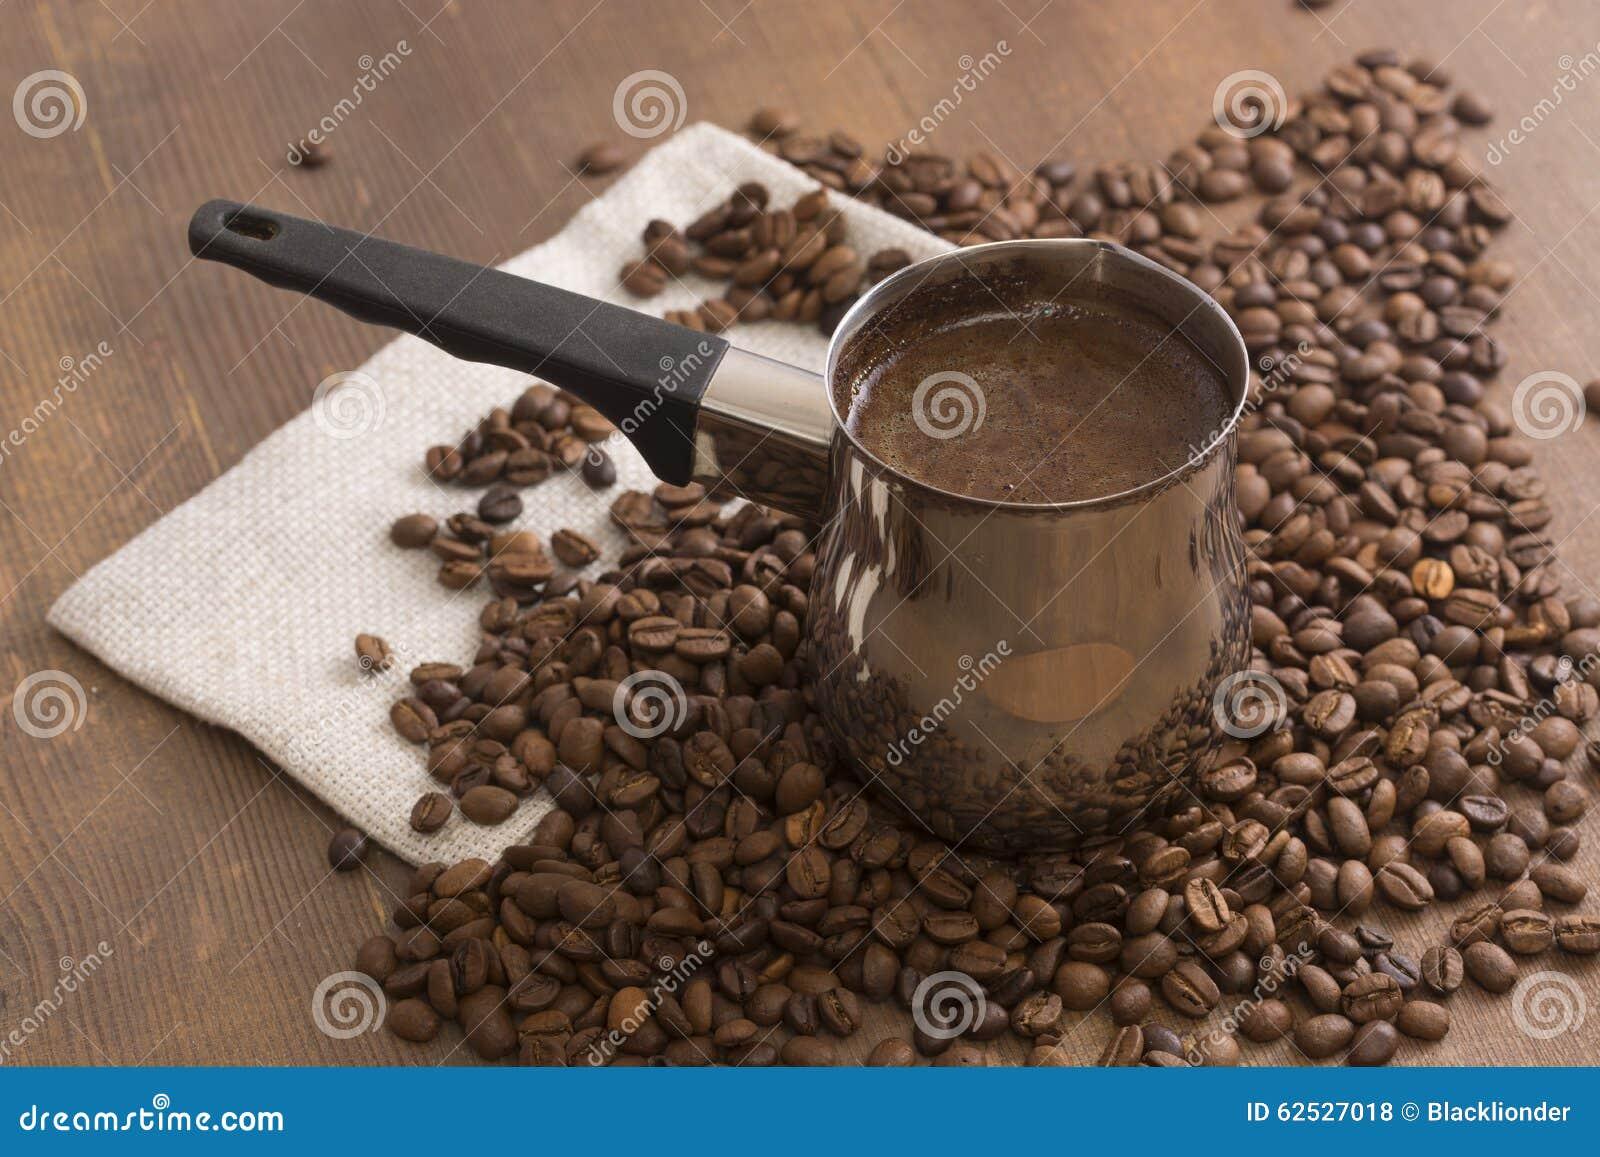 热做的咖啡